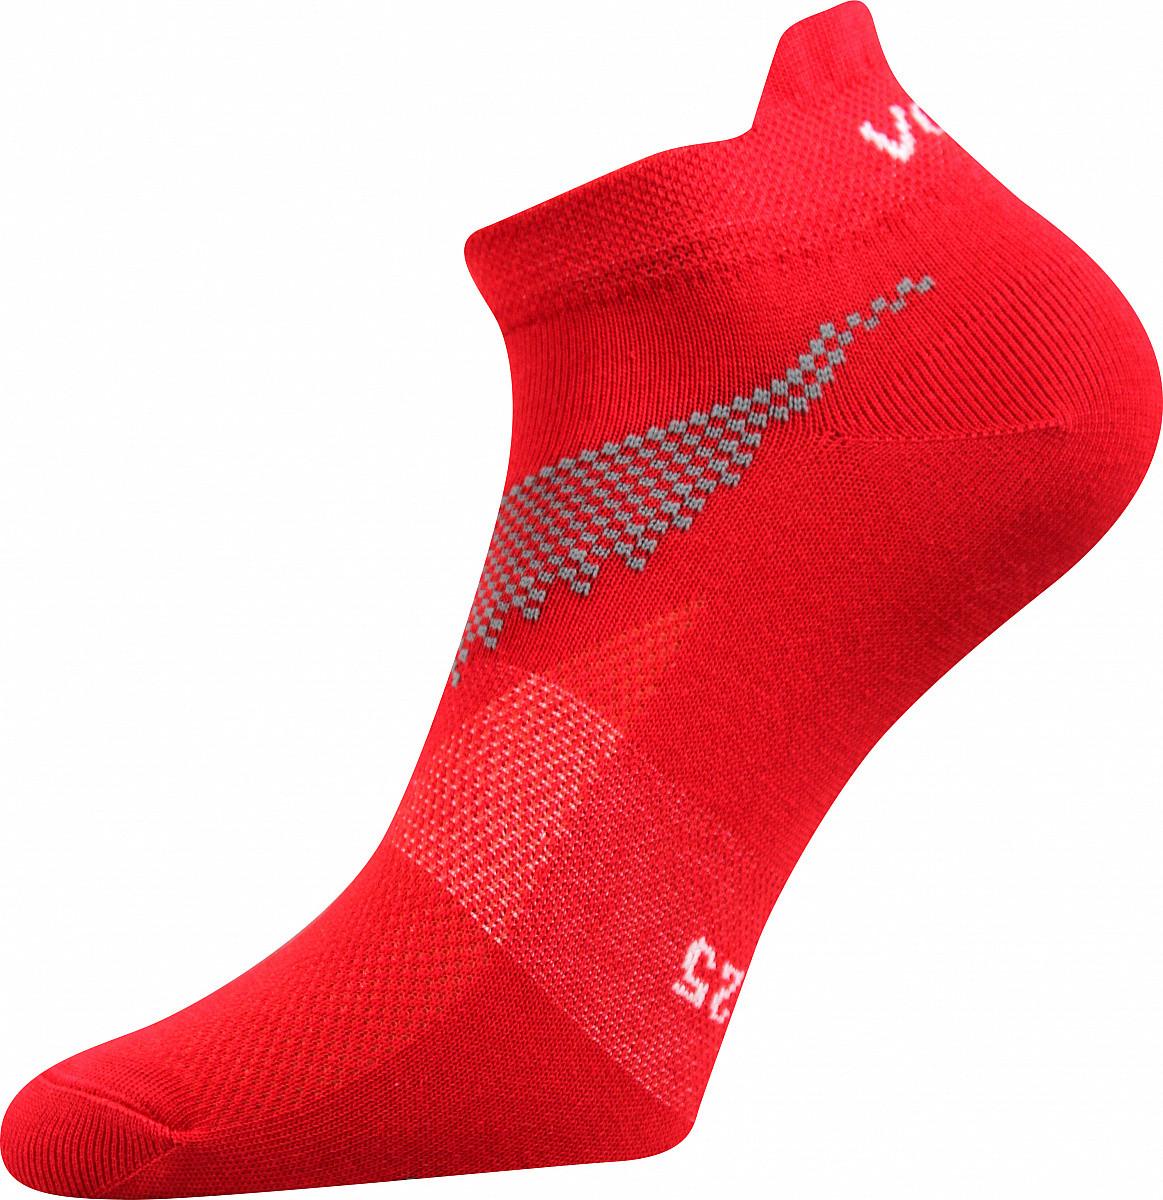 VoXX Barevné ponožky Iris červené - 35-38